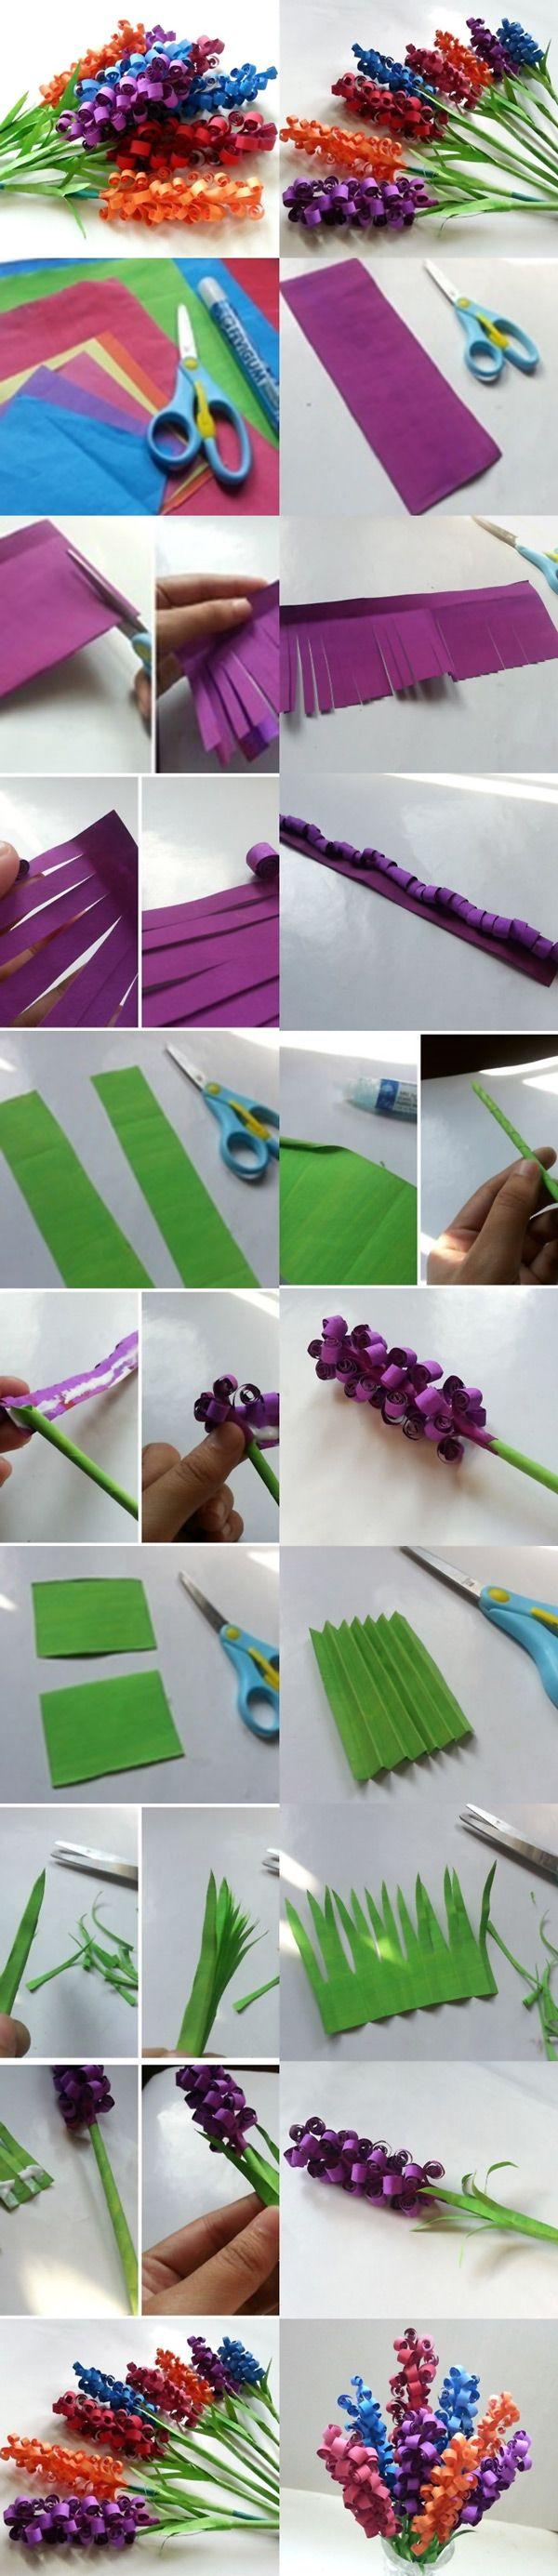 Arranjo de flores de papel enrolado - Faça Você Mesmo